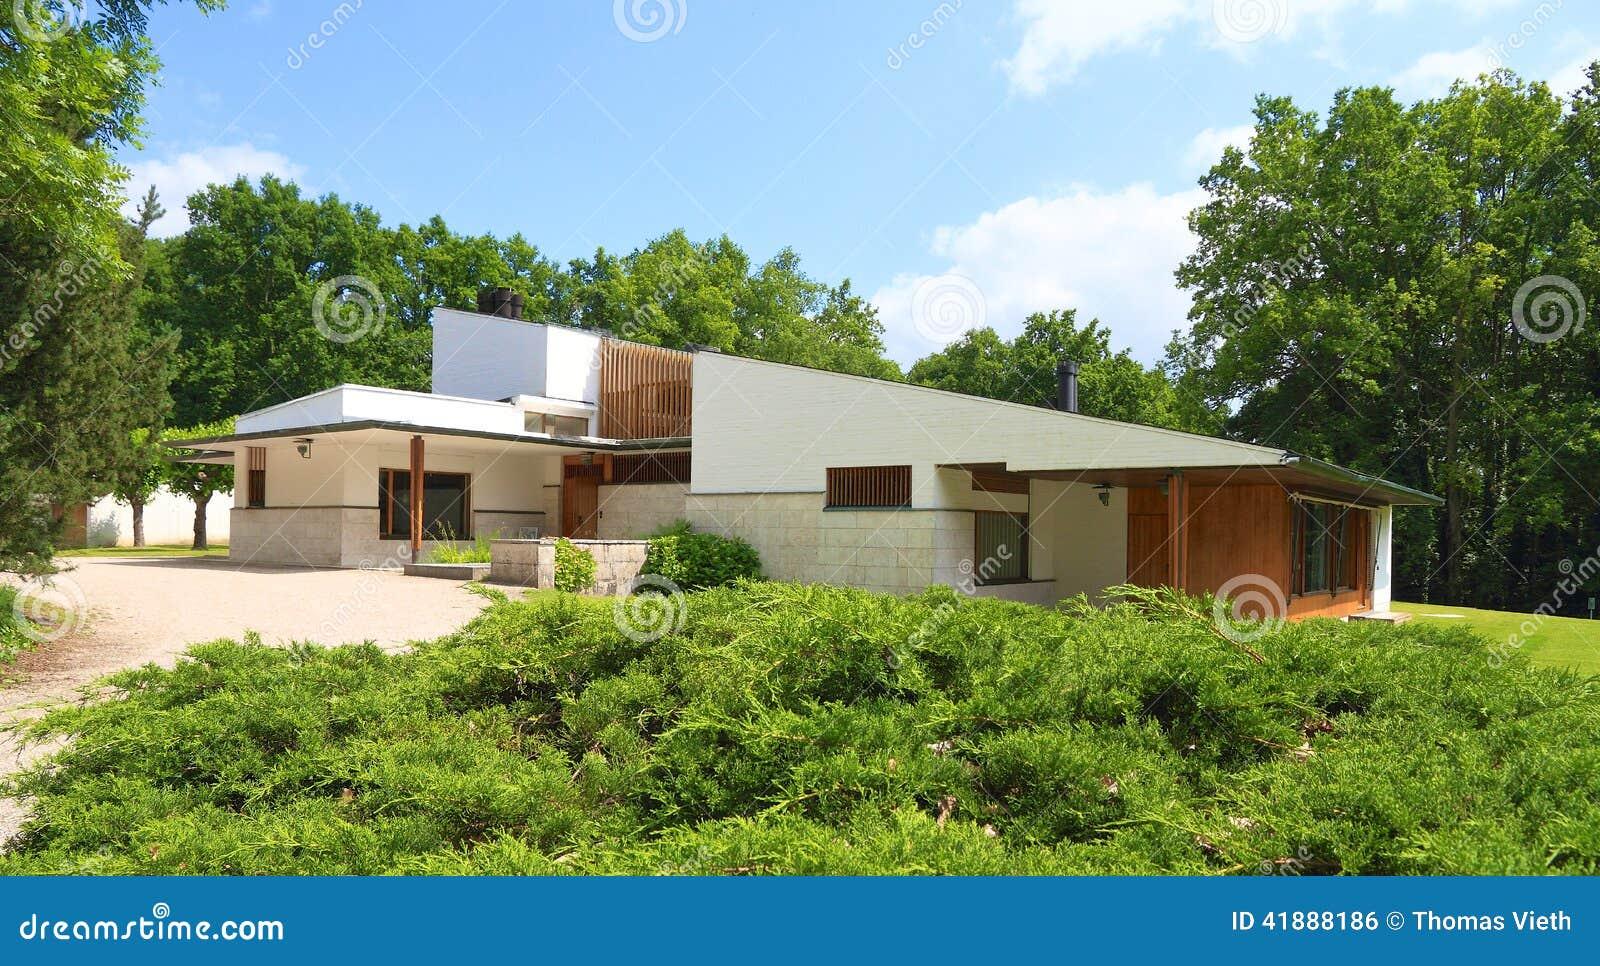 France architecture alvar aalto maison louis carre for Alvar aalto maison